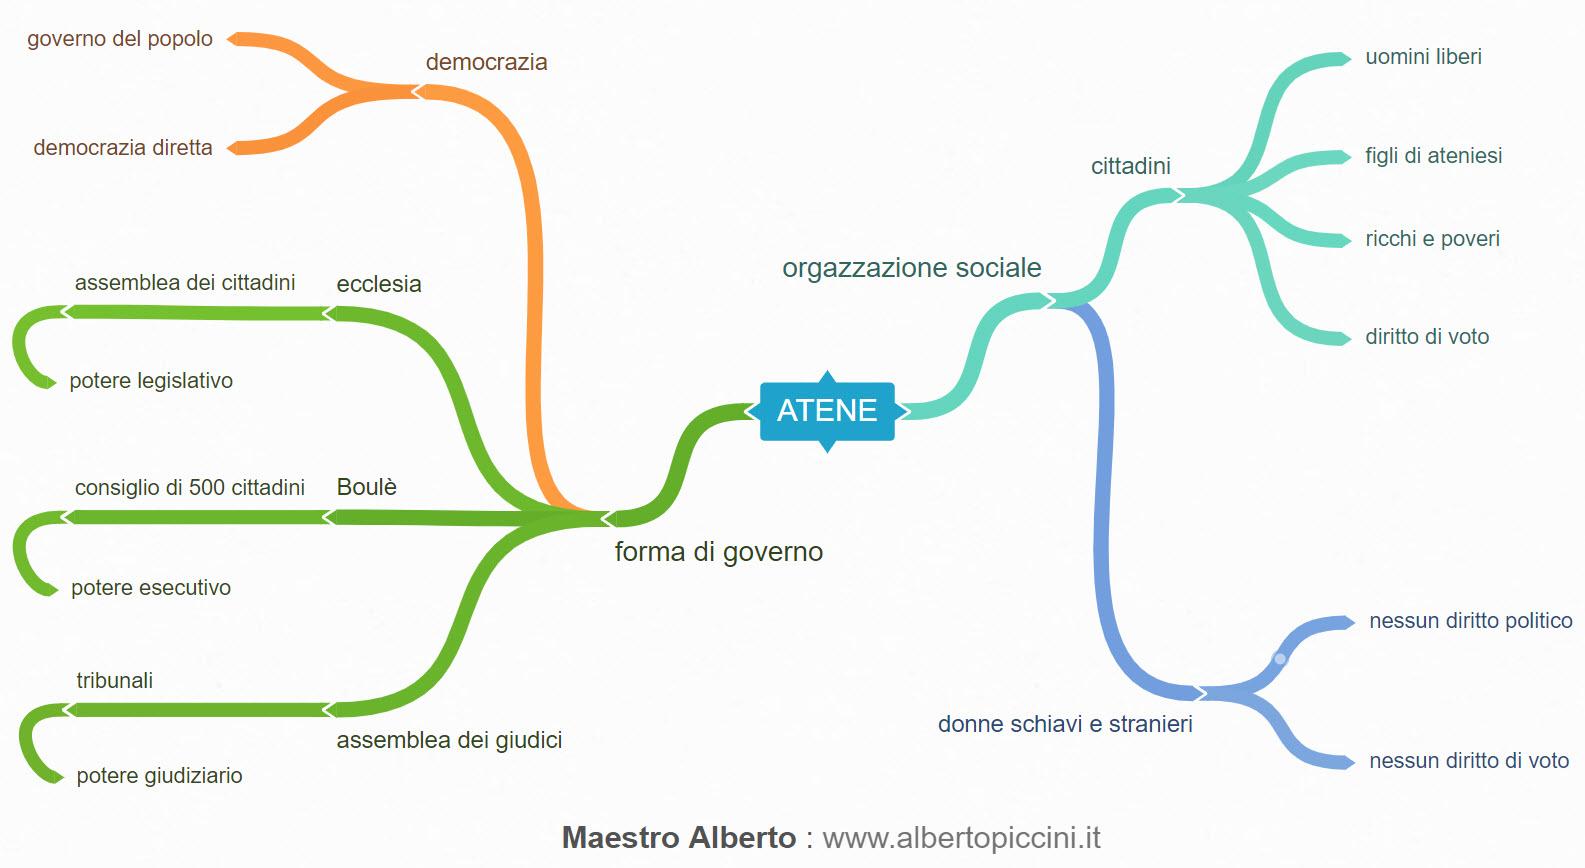 Scuola Maestro Alberto